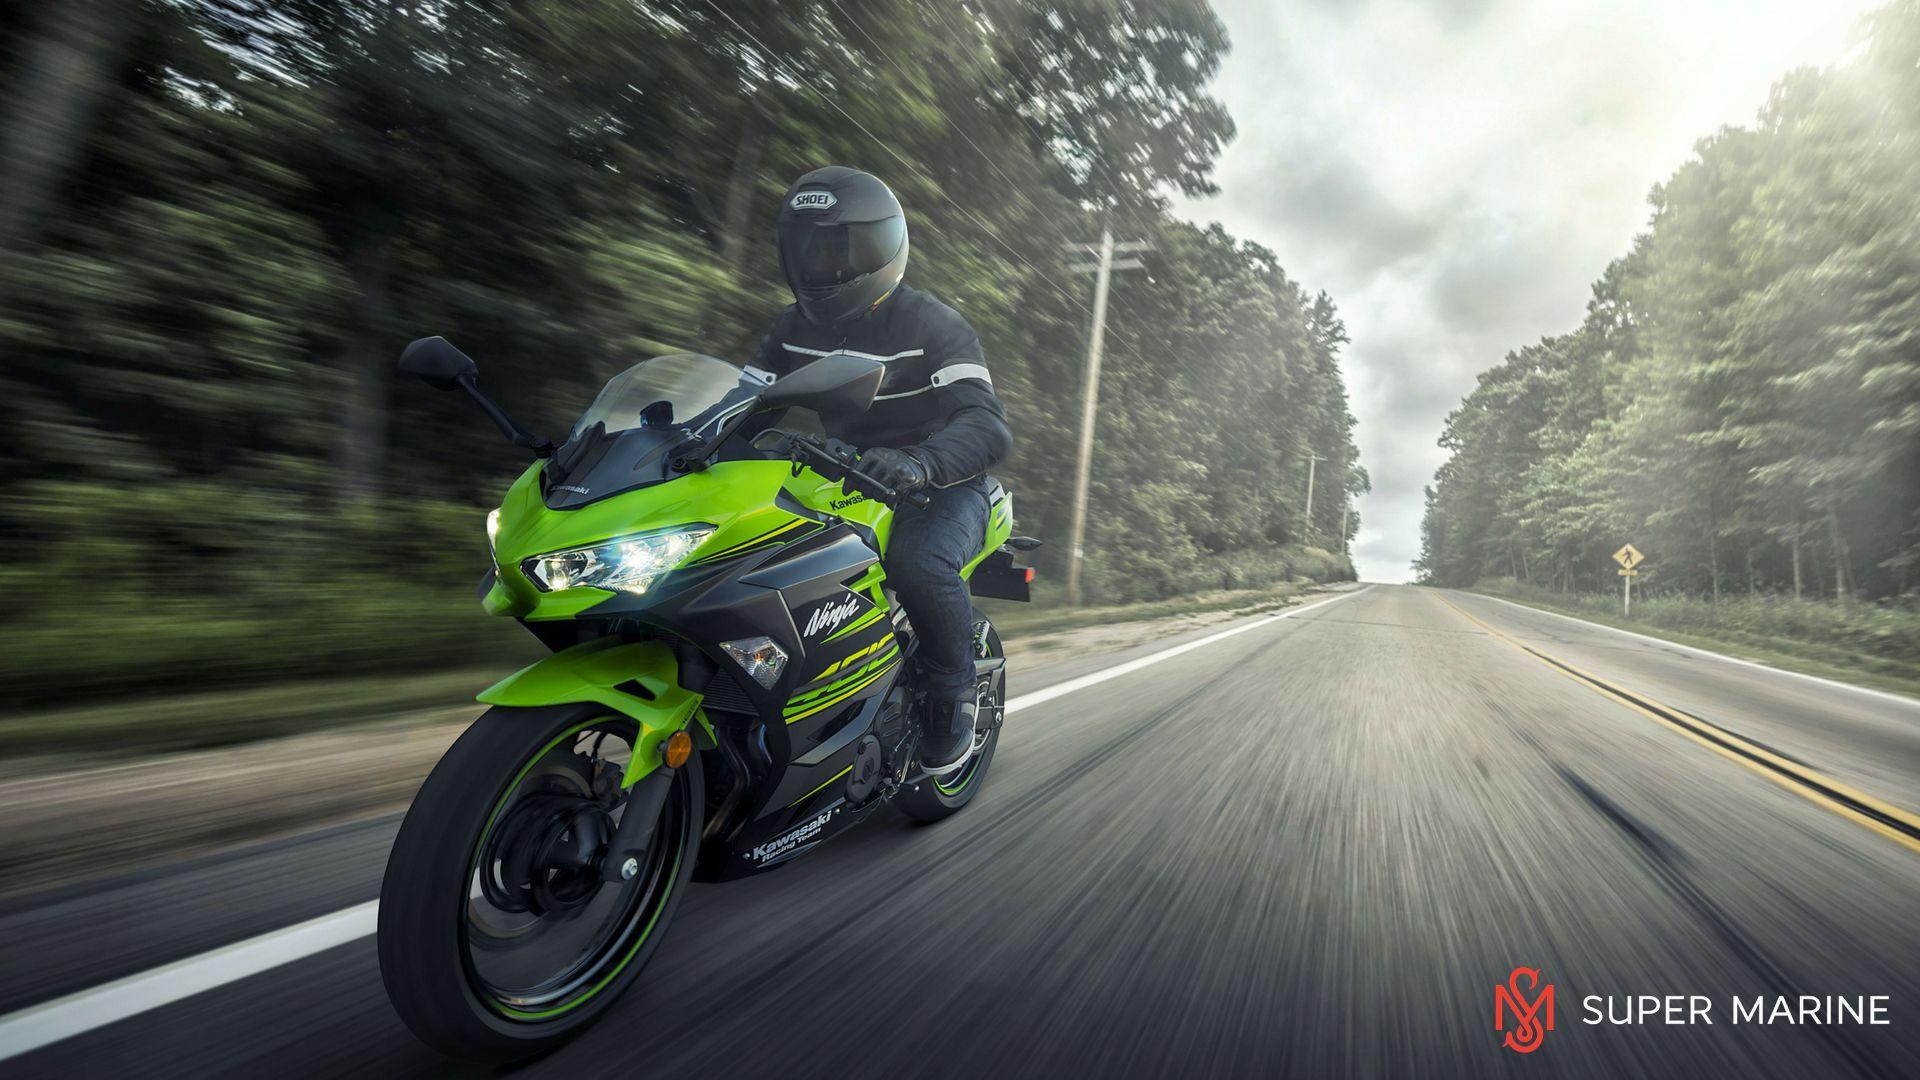 Мотоцикл Kawasaki Ninja 400 Черный 2020 - 11